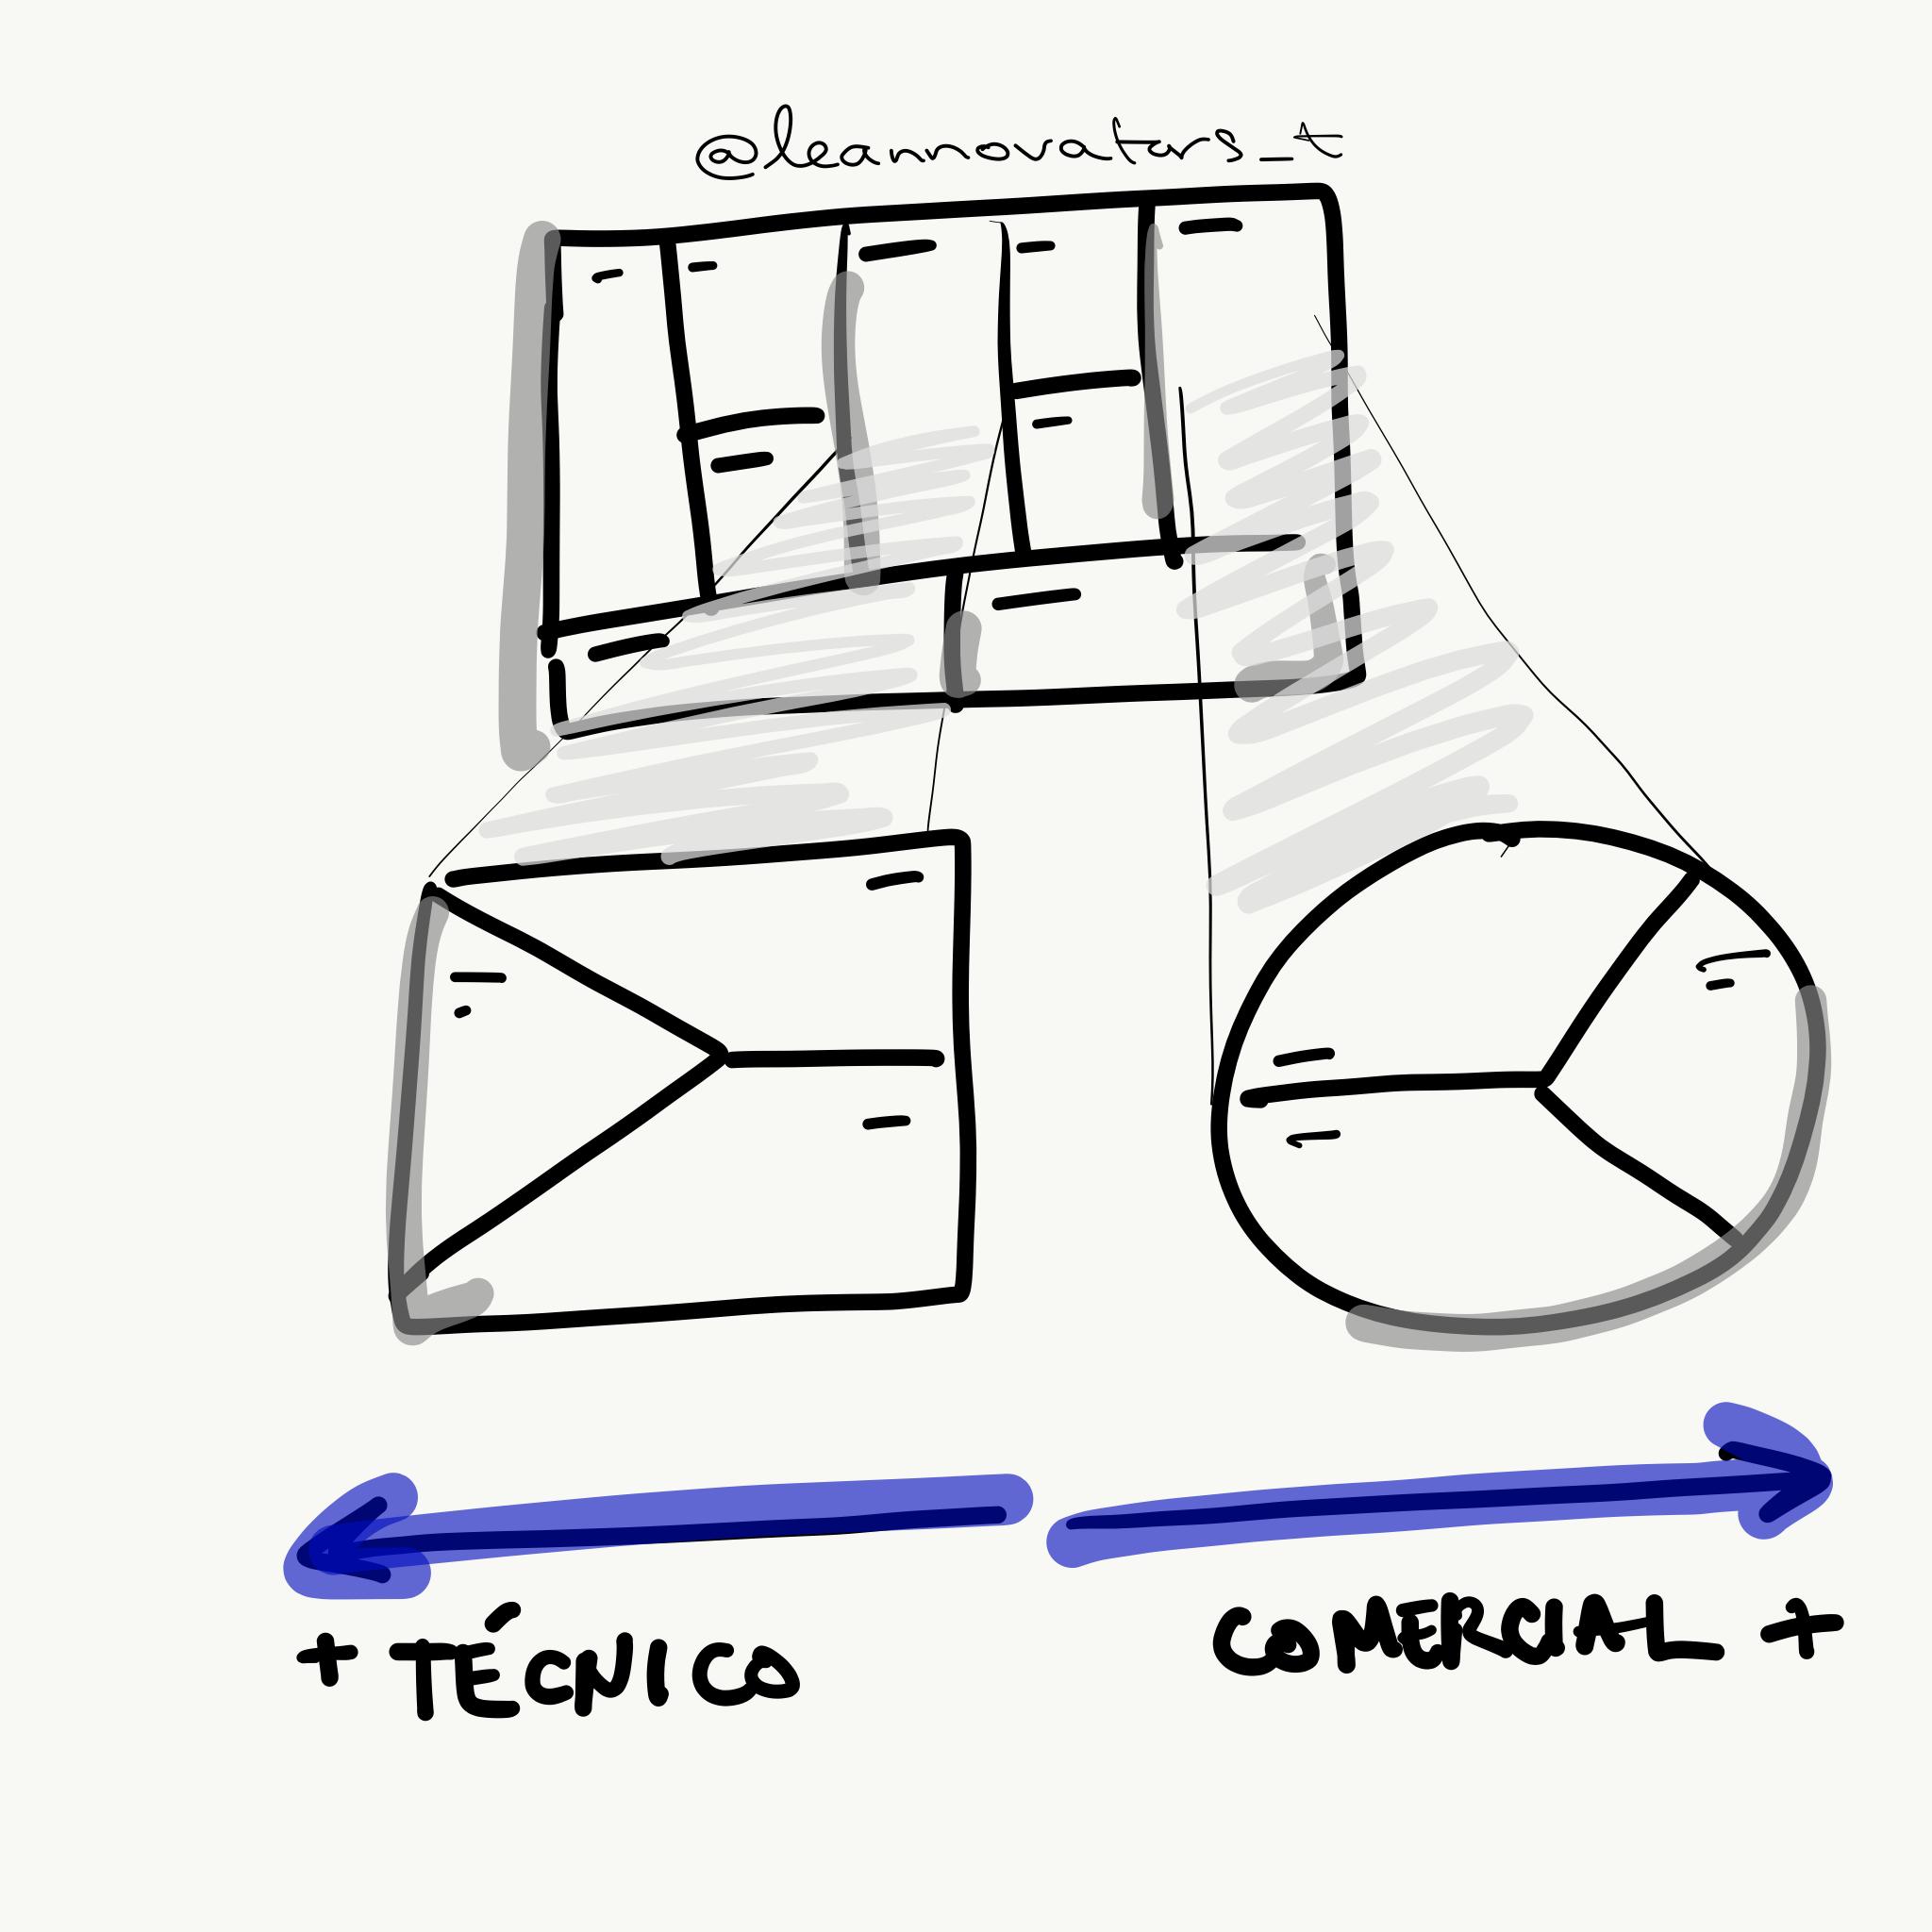 parte-comercial-parte-tecnica-value-proposition-canvas